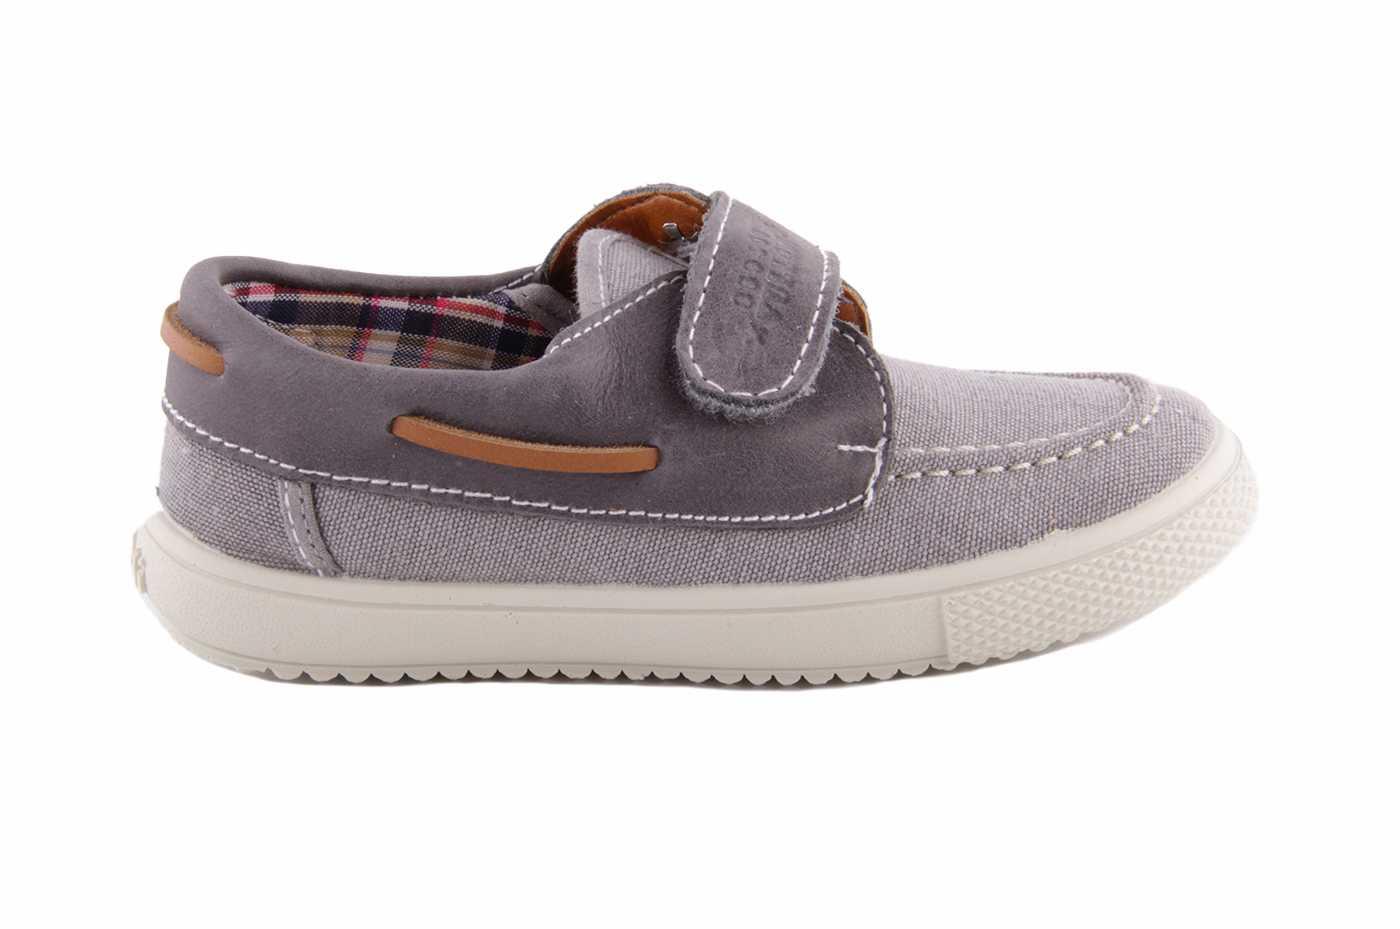 8ceae78c9f8 Comprar zapato tipo JOVEN NIÑO estilo LONA COLOR GRIS TEXTIL ...